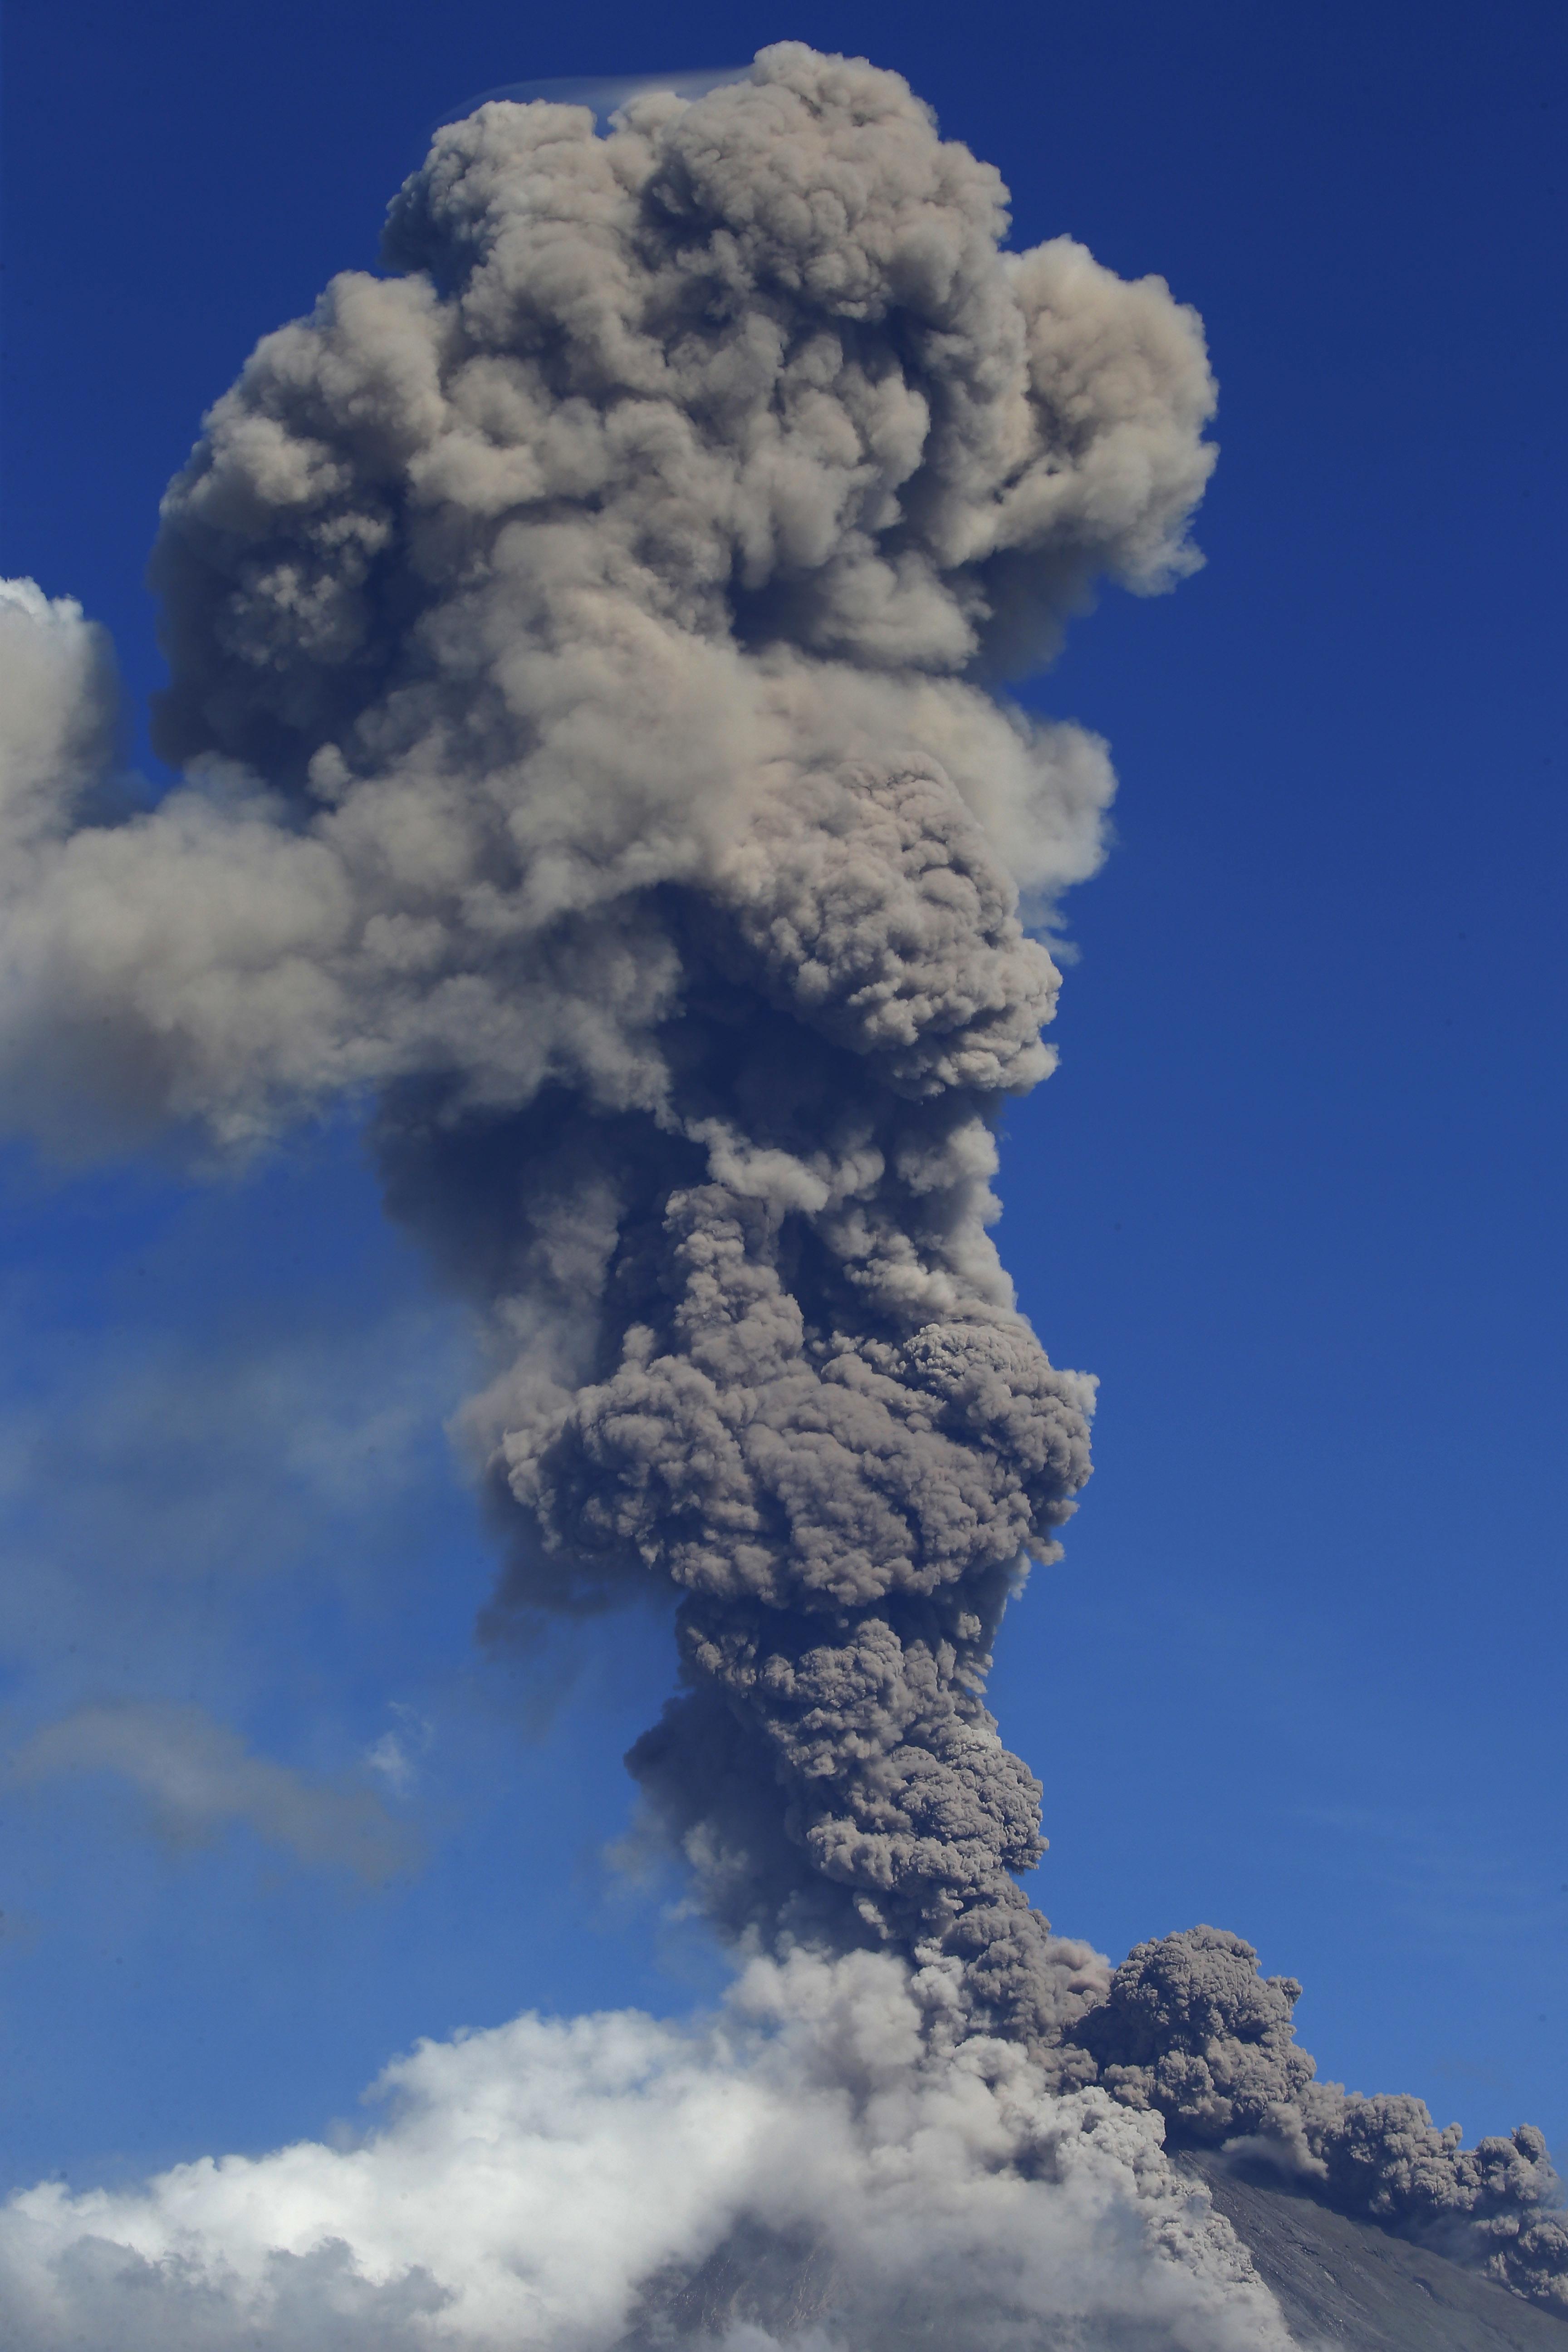 Se expandió la zona de peligro a ocho kilómetros del cráter, con lo que se afectó a miles de residentes adicionales (AP)